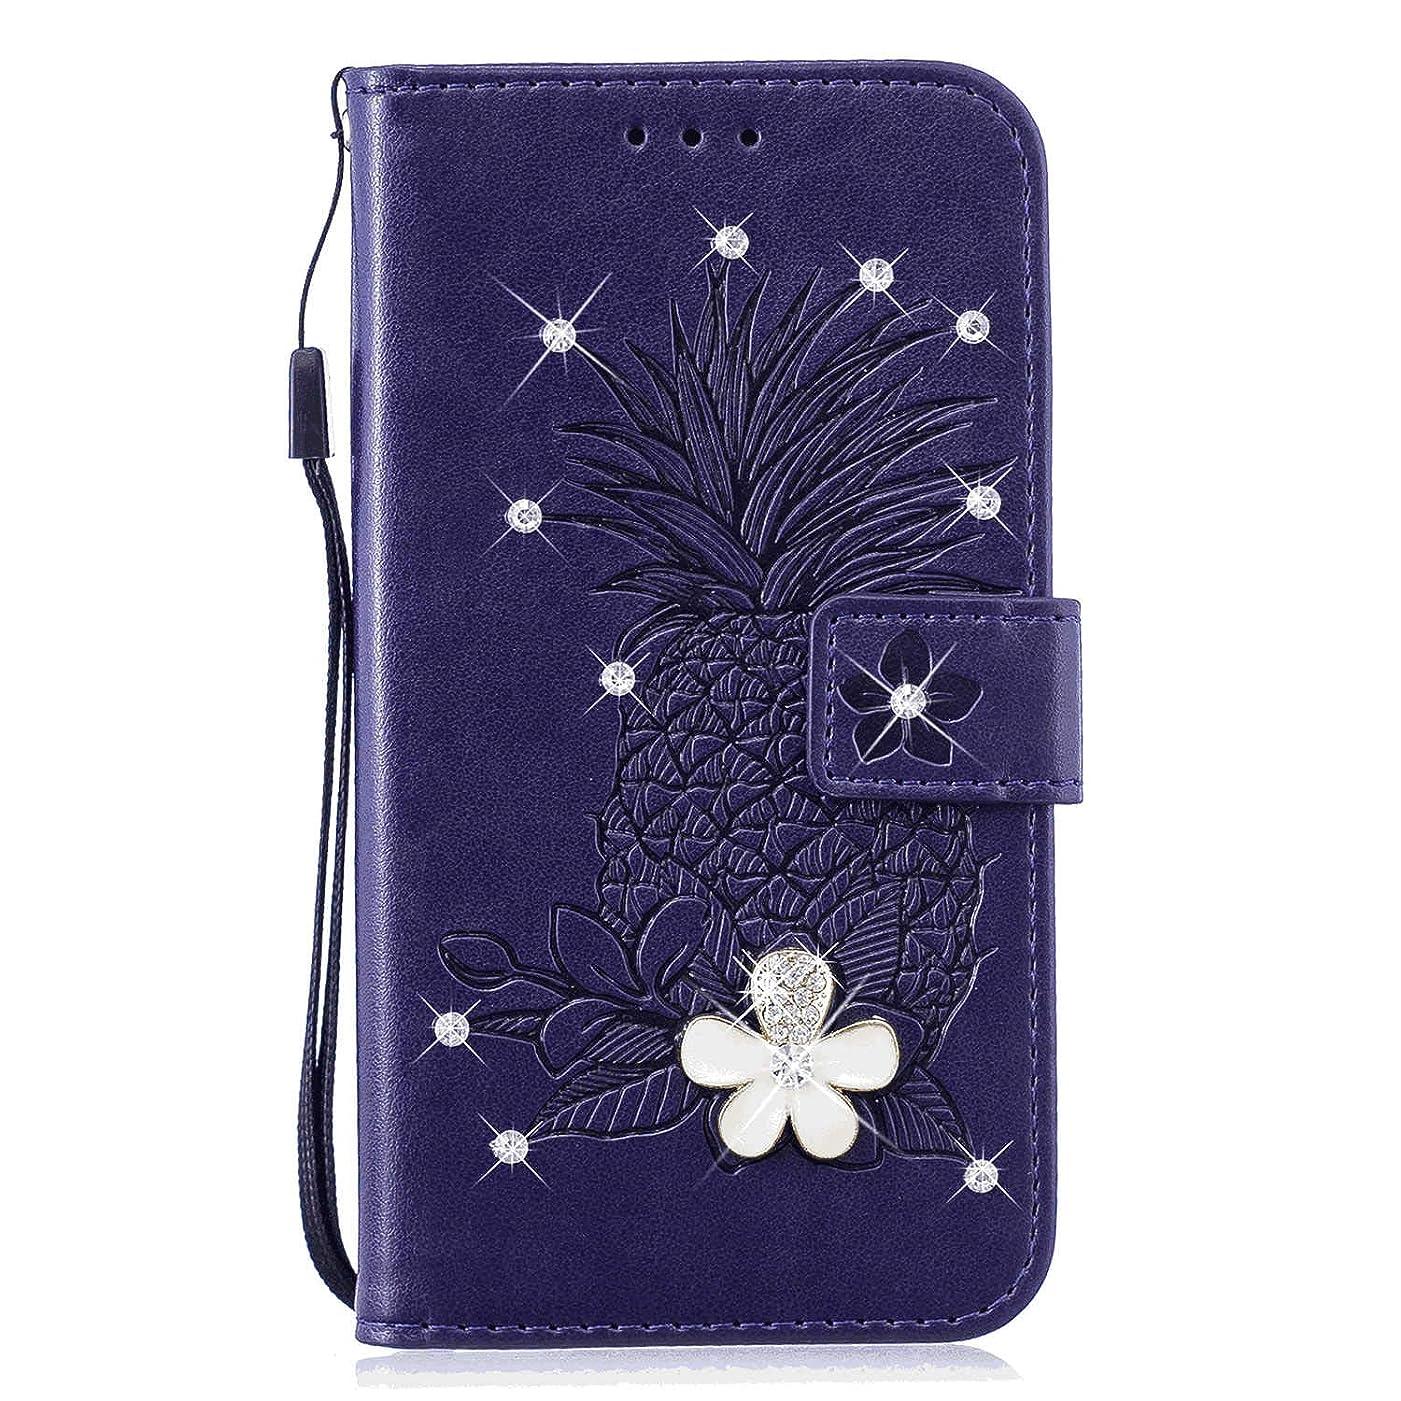 ステープル小さいサラミiPhone 11 PUレザー ケース, 手帳型 ケース 本革 カバー収納 防指紋 ビジネス 財布 携帯カバー 手帳型ケース iPhone アイフォン 11 レザーケース